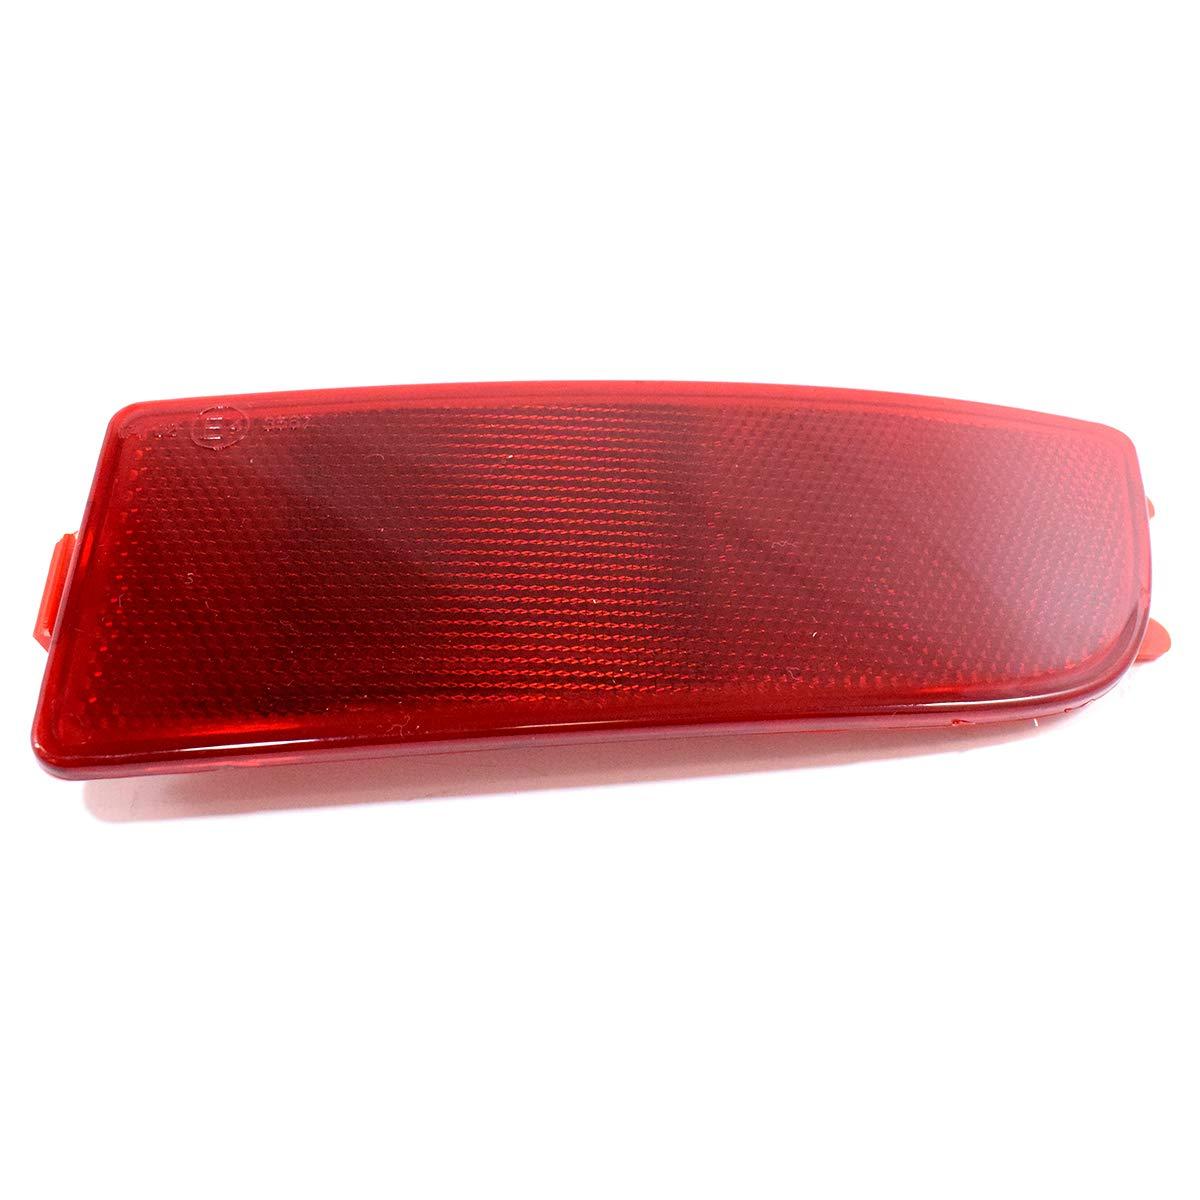 1 X destra fanale posteriore luce posteriore posteriore regalo destra riflettore per paraurti. * Regalo